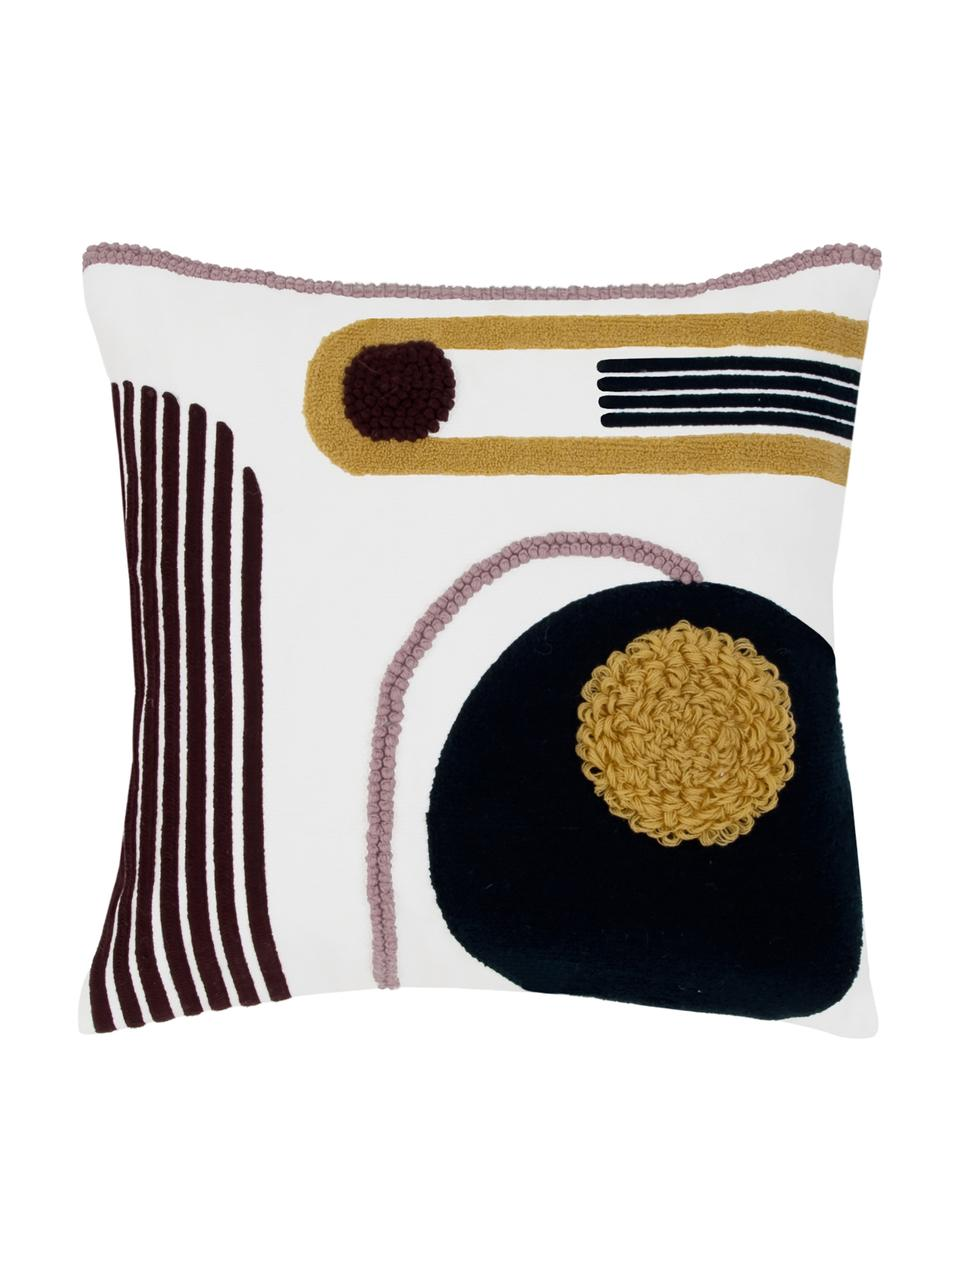 Kissenhülle Allard mit abstrakter Verzierung, 100% Baumwolle, Vorderseite: MehrfarbigRückseite: Weiß, 45 x 45 cm